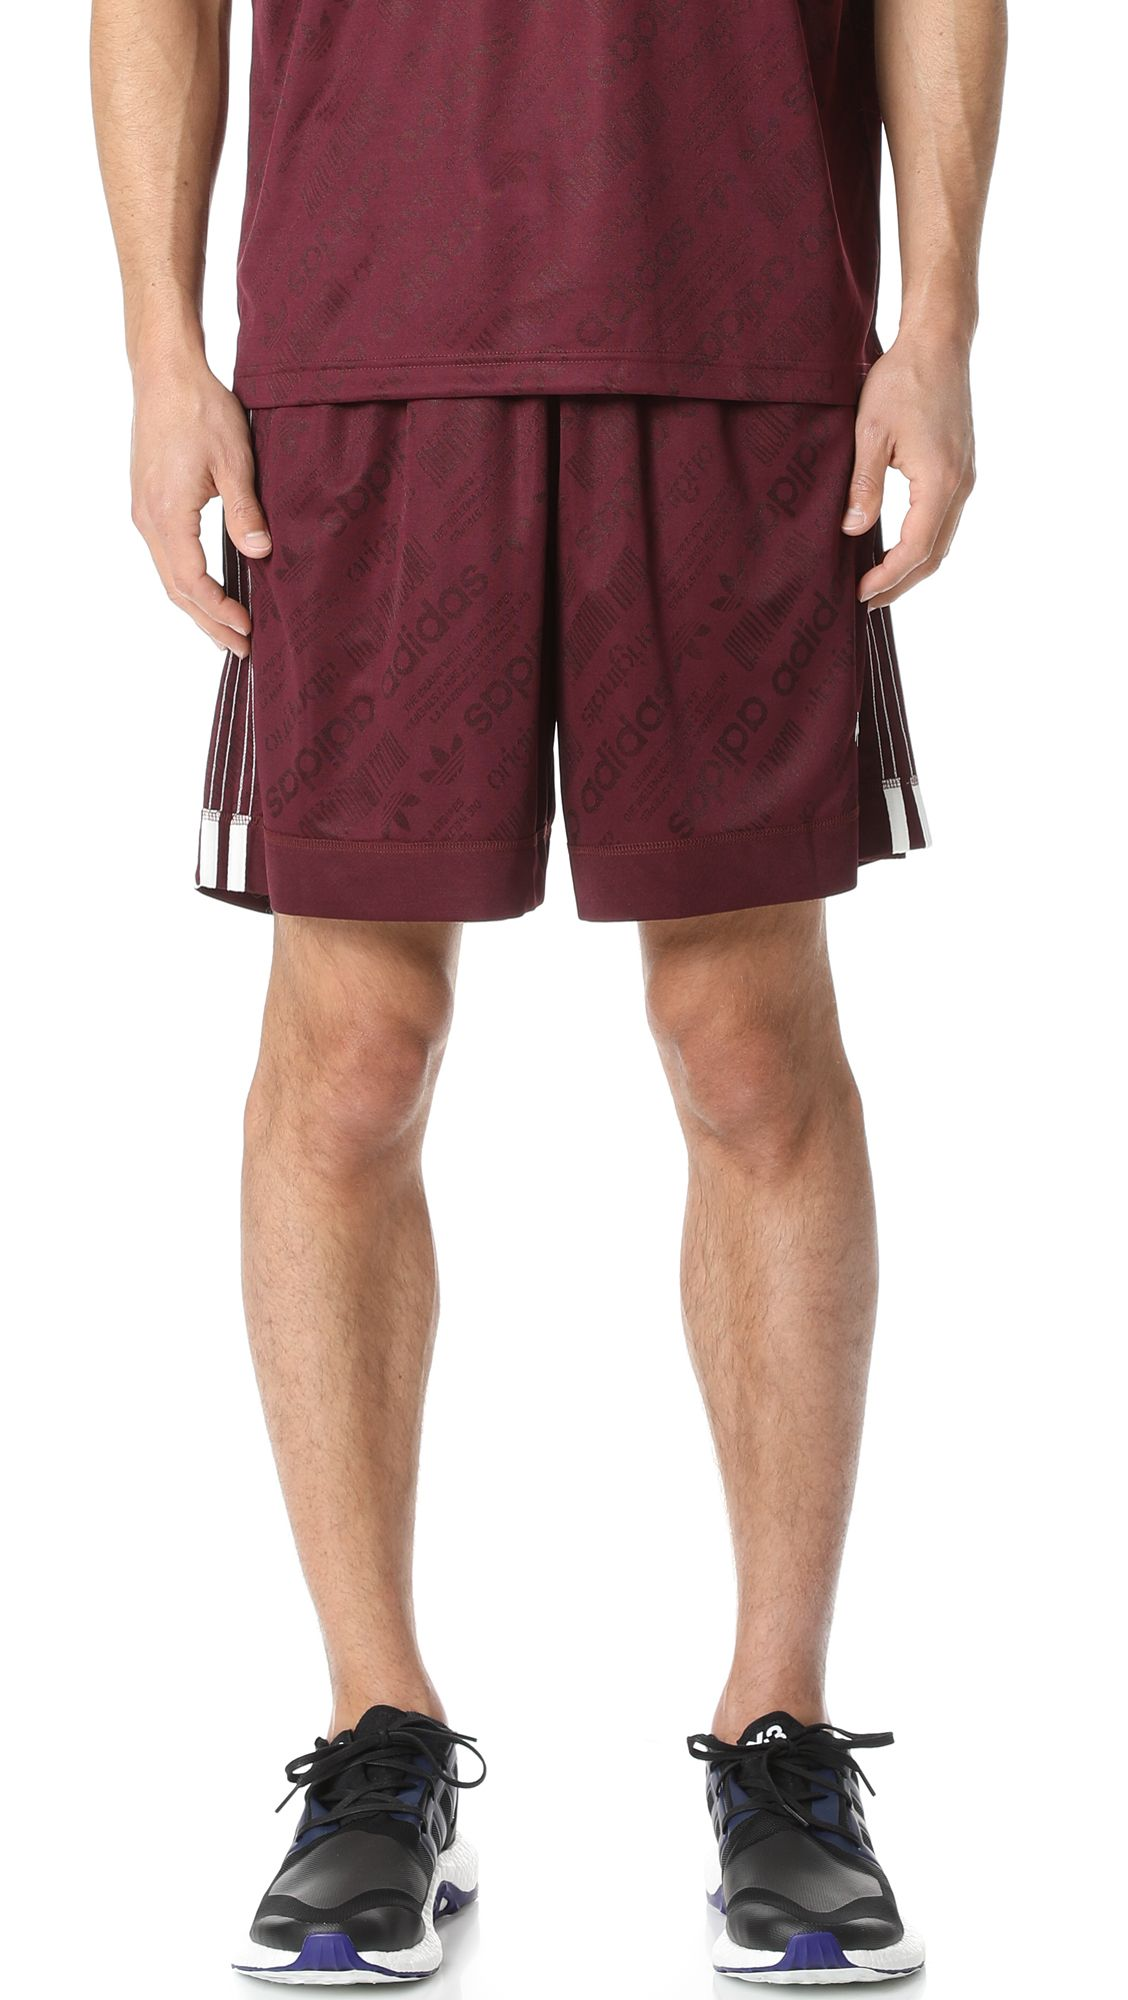 891055a7db31 ADIDAS ORIGINALS BY ALEXANDER WANG Aw Soccer Shorts.  #adidasoriginalsbyalexanderwang #cloth #shorts